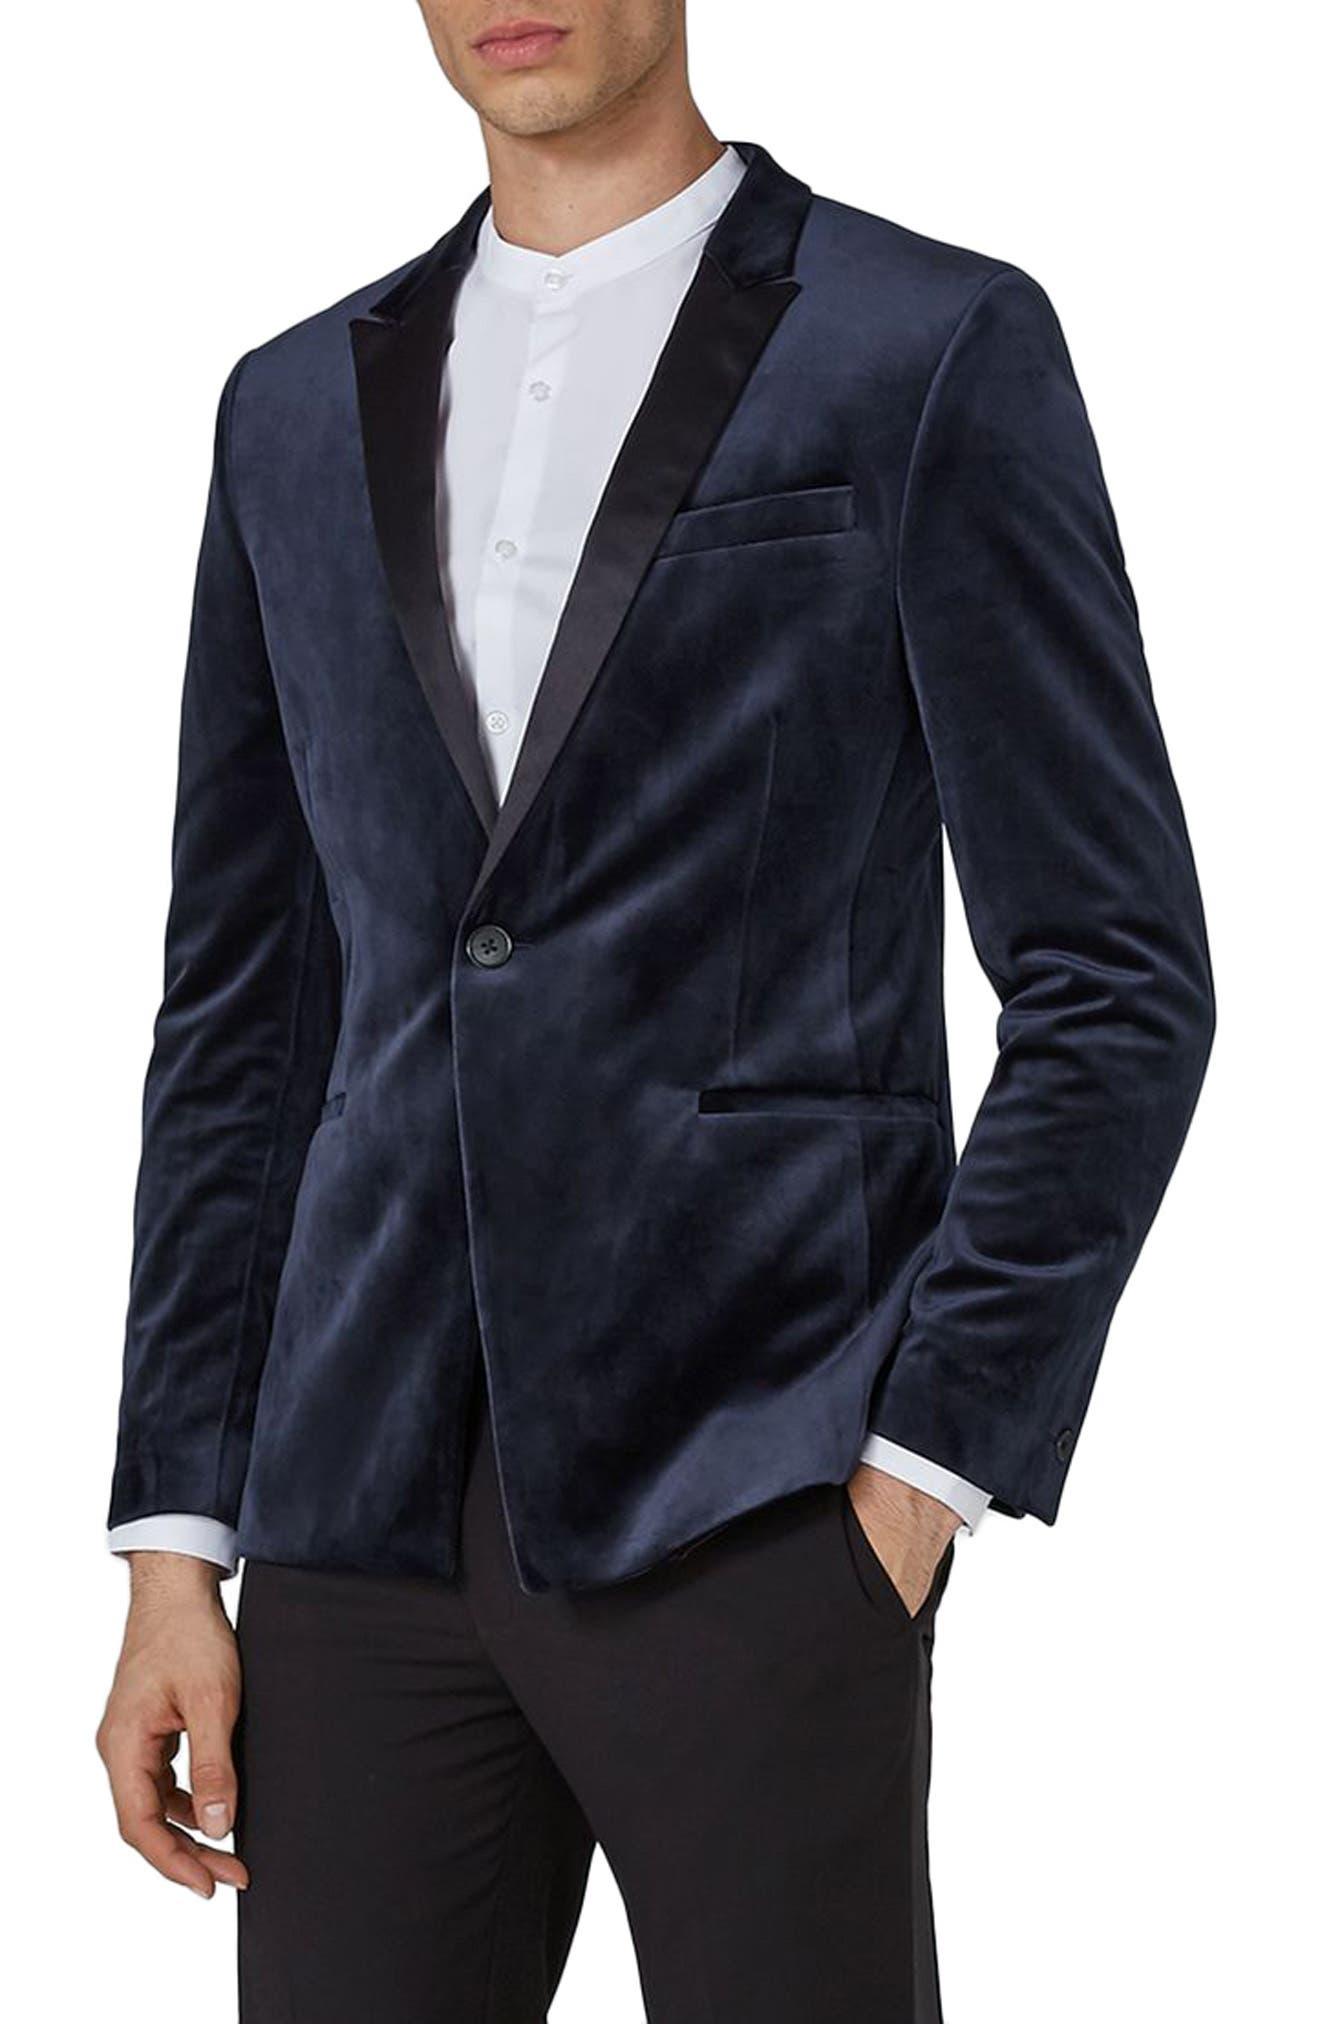 Topman Skinny Fit Velvet Tuxedo Jacket